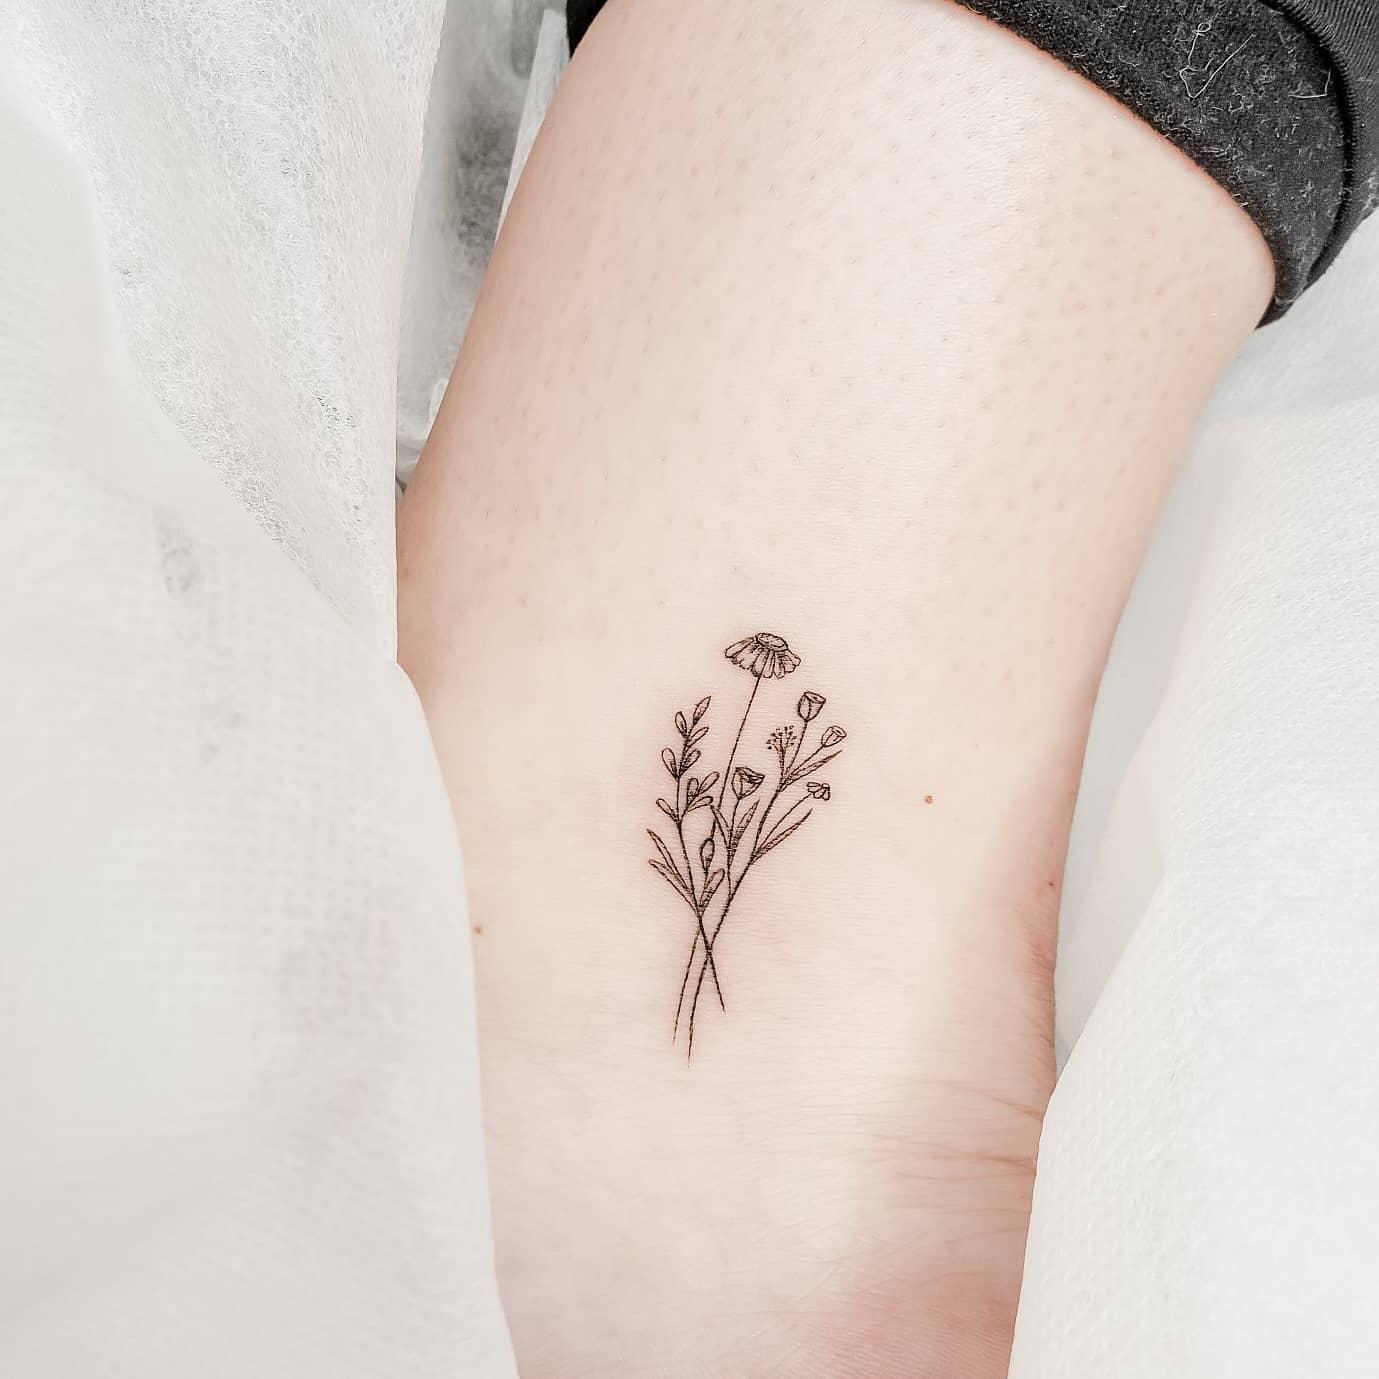 Floral Cute Tattoo Nikkibandit